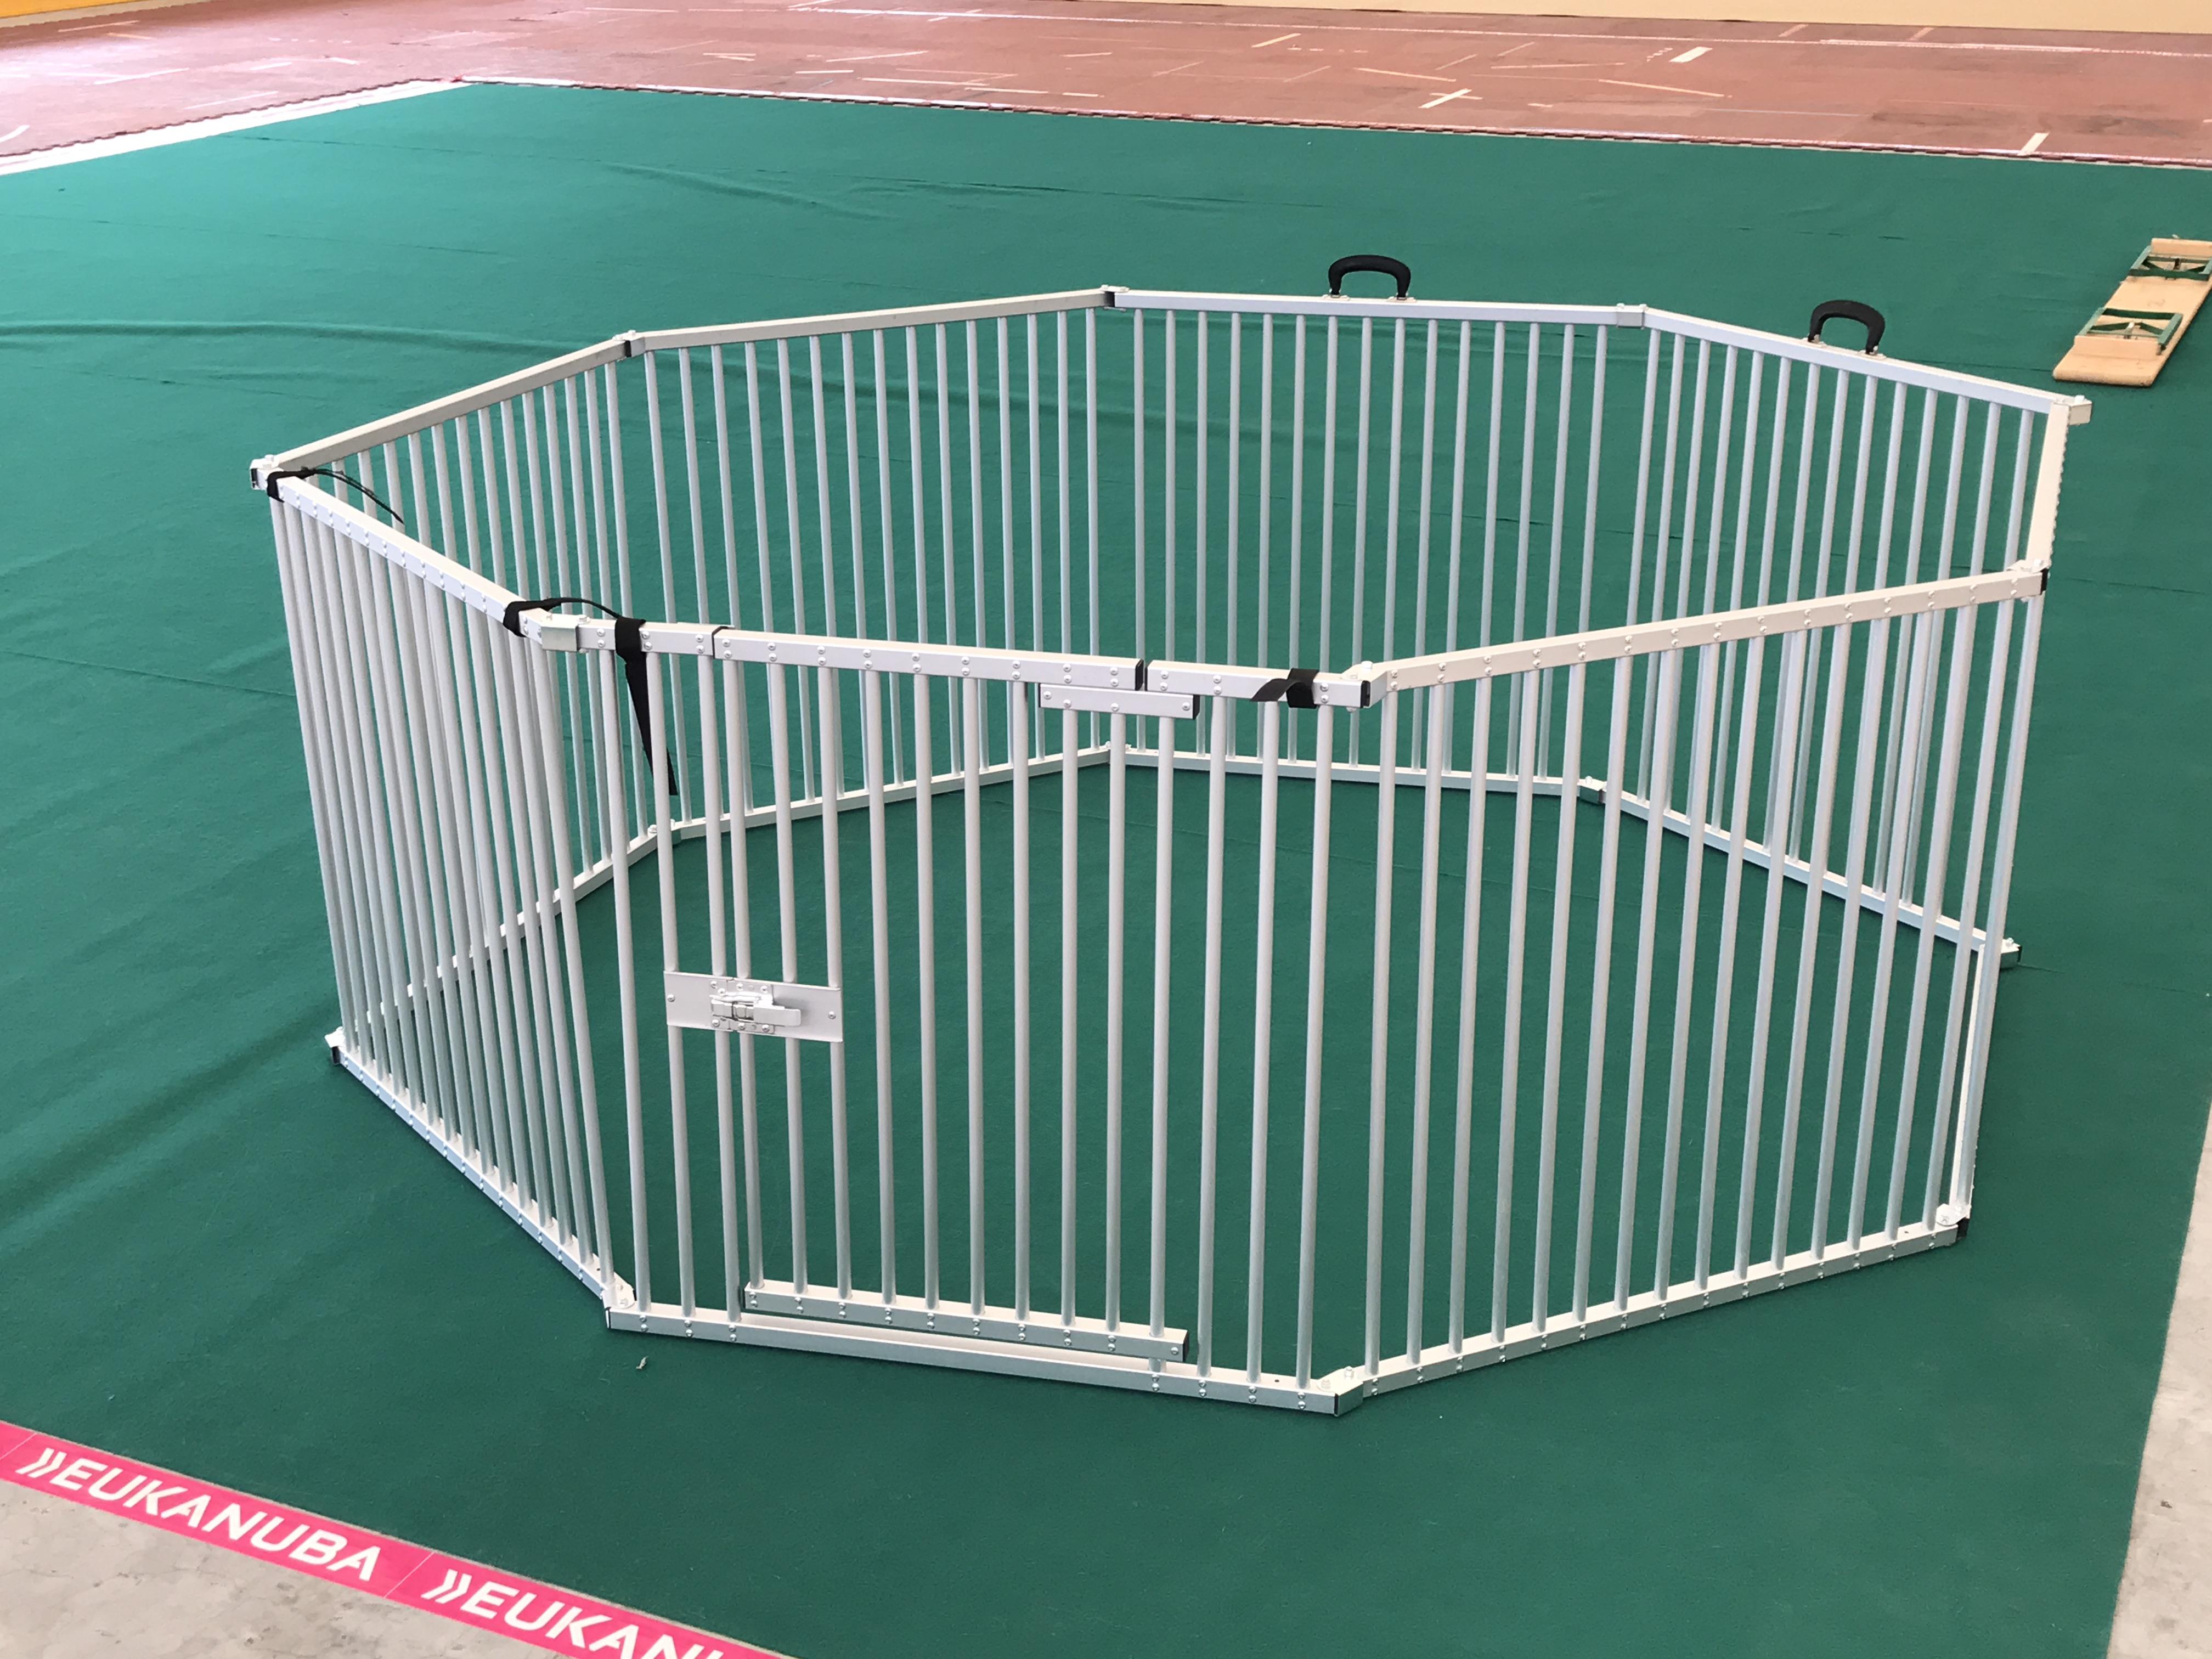 parc à chiots alu pour petites races de chien 8x80x80 cm